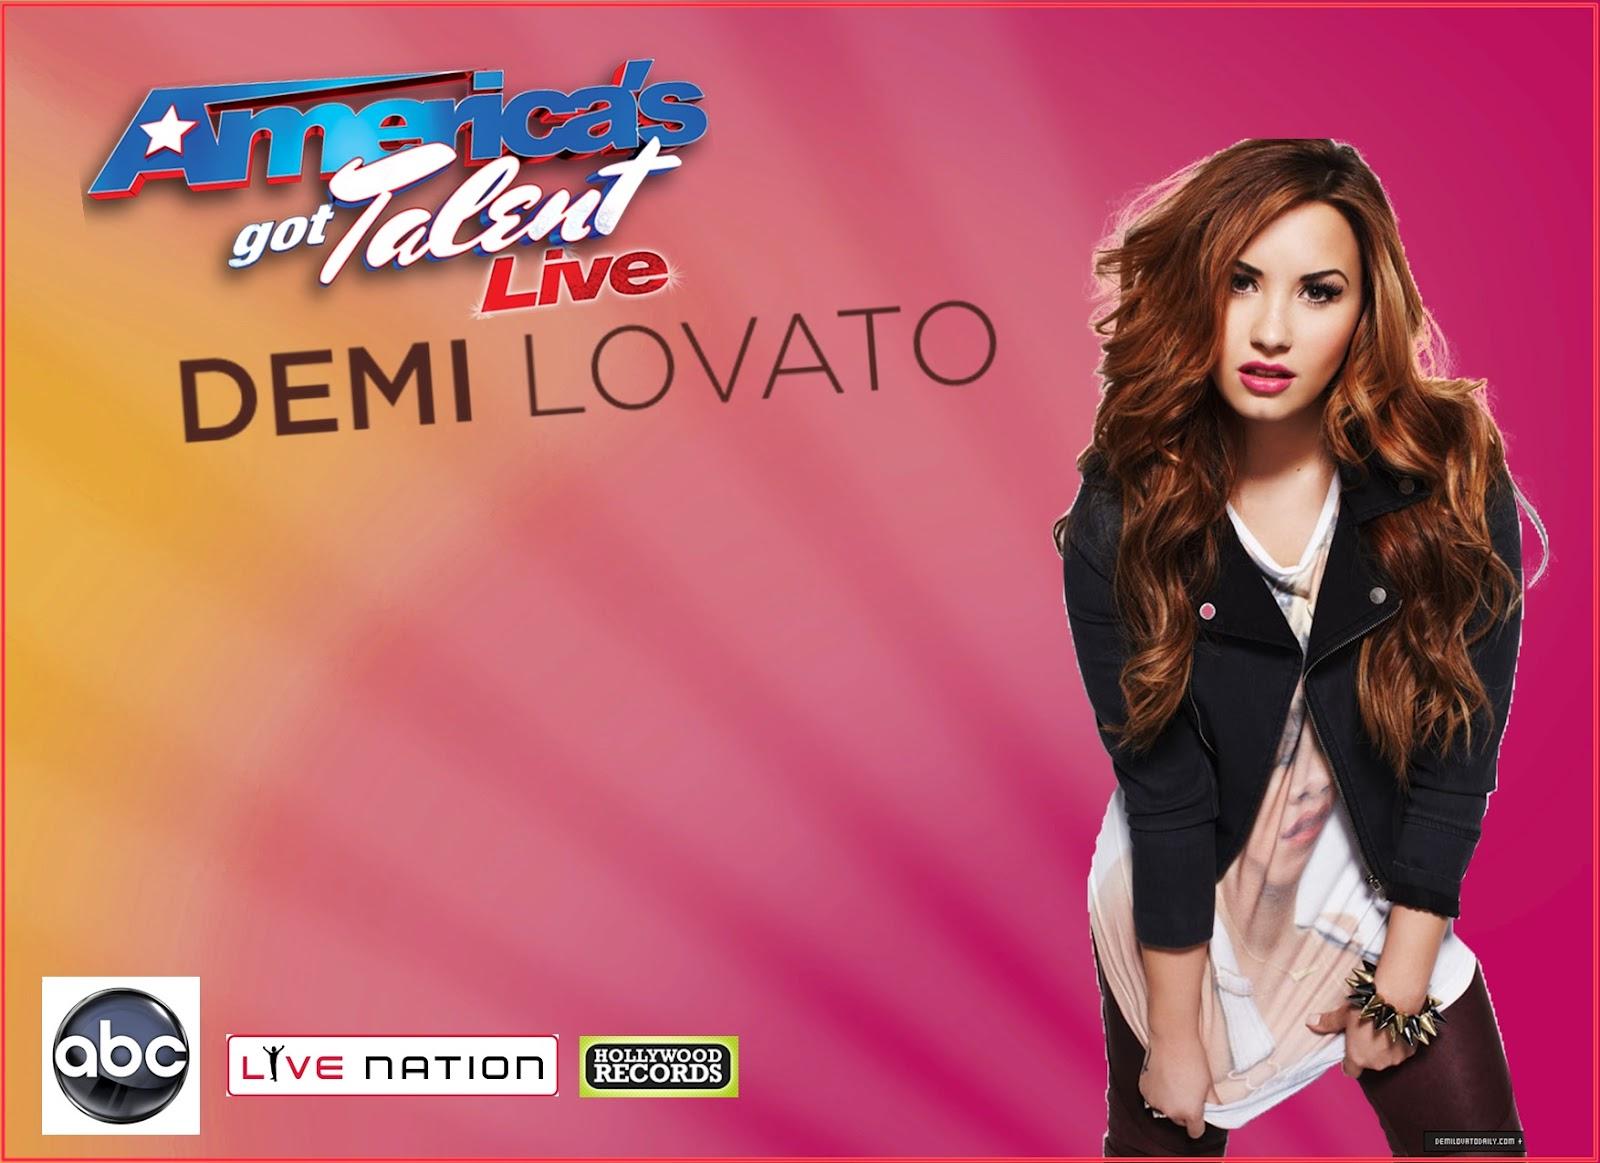 http://4.bp.blogspot.com/-qQ2oV6VhJ7o/T_8TLUnwRxI/AAAAAAAAAIQ/Kmsd013KAVE/s1600/americas_got_talente_live_demi_lovato.jpg